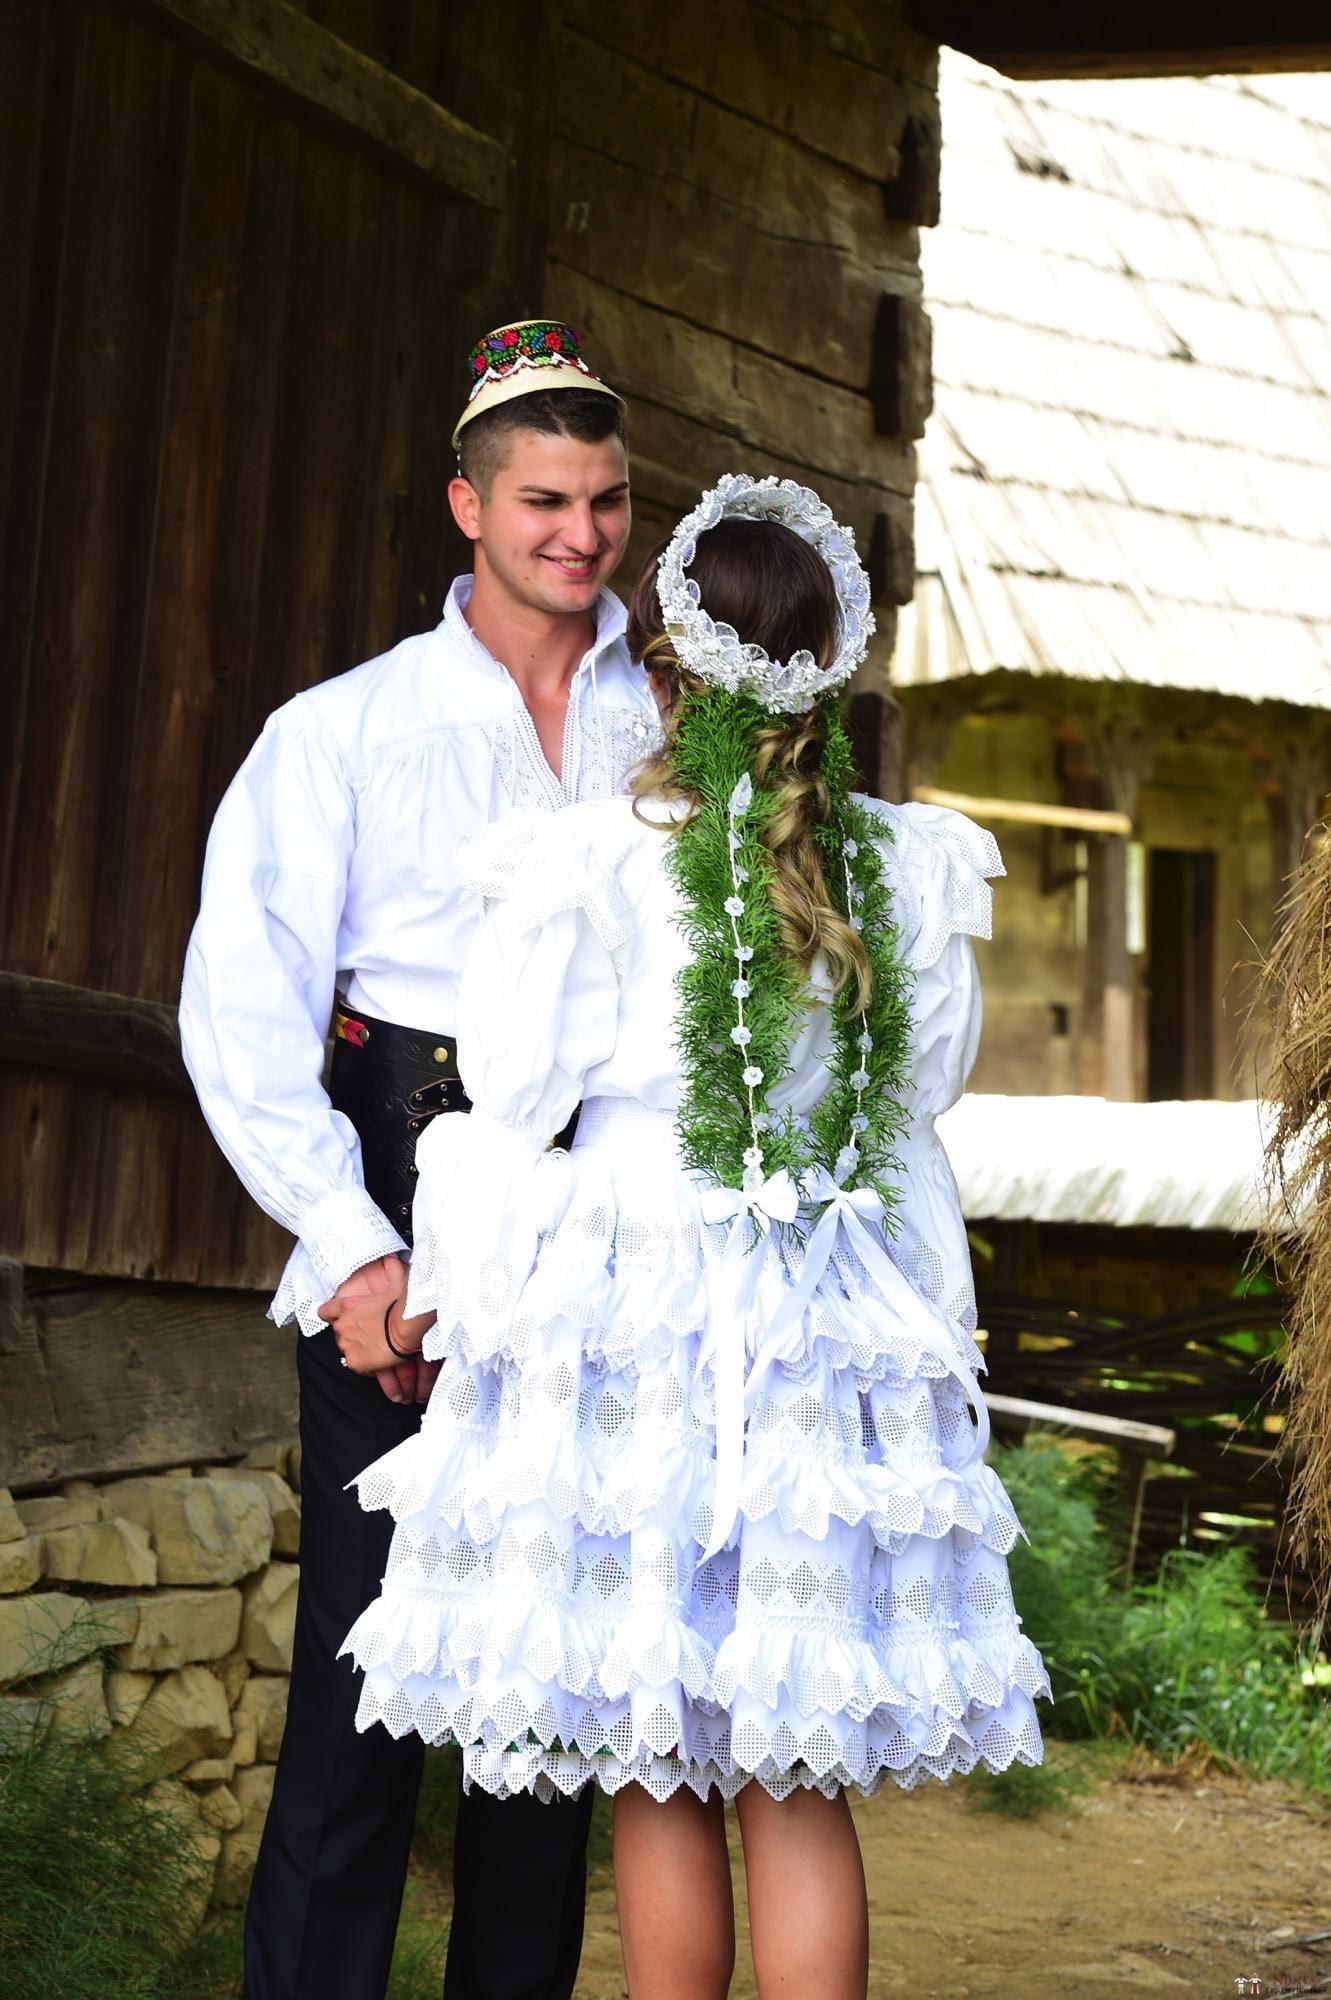 Povești Nunți Tradiționale - Florentina Vlad și Lemnean Ionuț. Cununie tradițională în Baia Mare 6